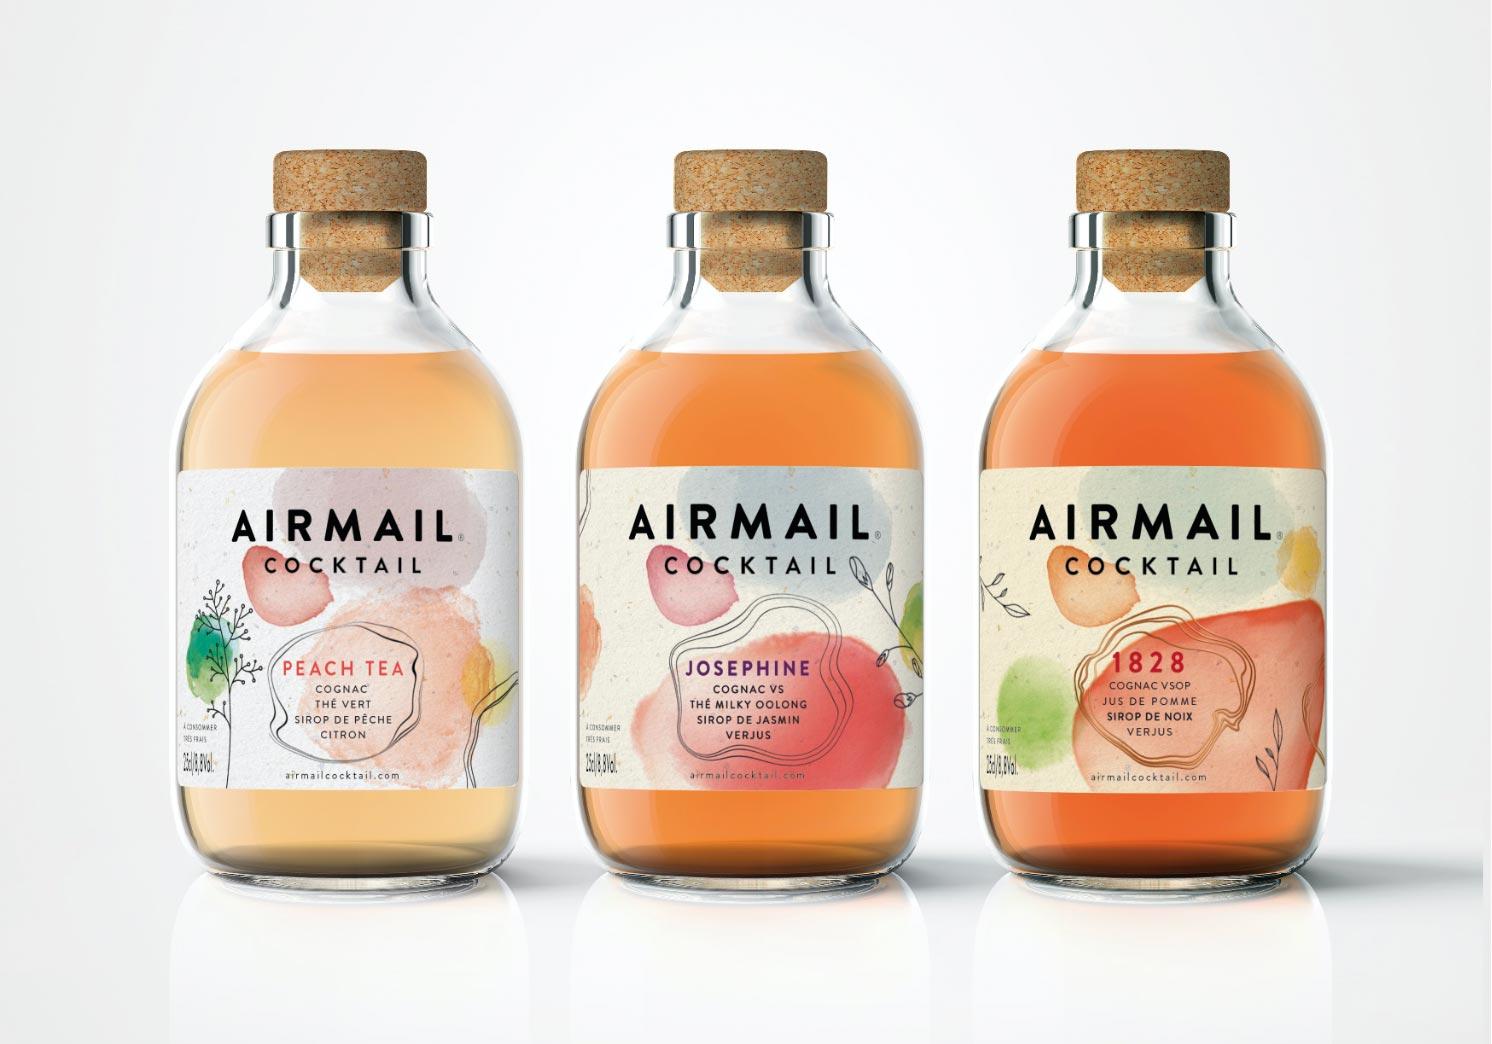 sugar lemon cocktail bouteille airmail cocktail